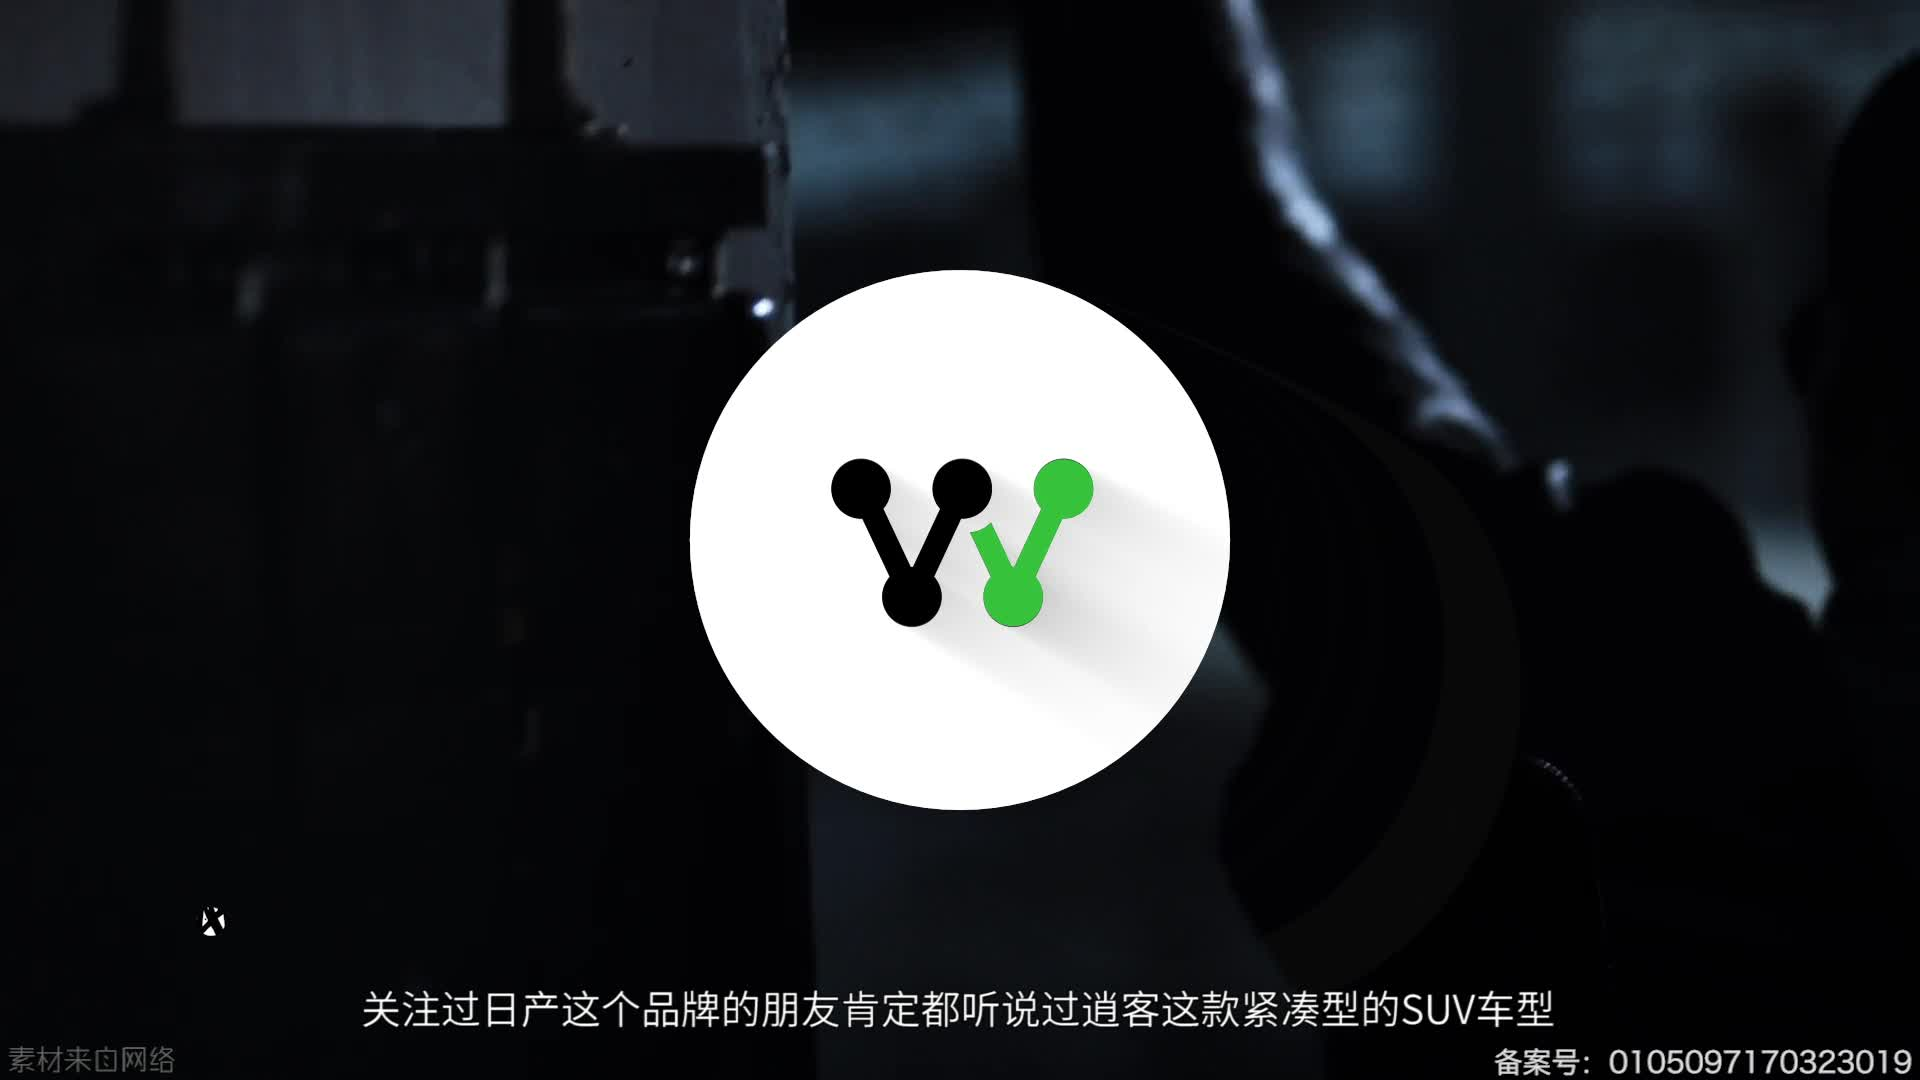 视频:全新日产逍客路试谍照曝光,外观变化明显,前脸更霸气!